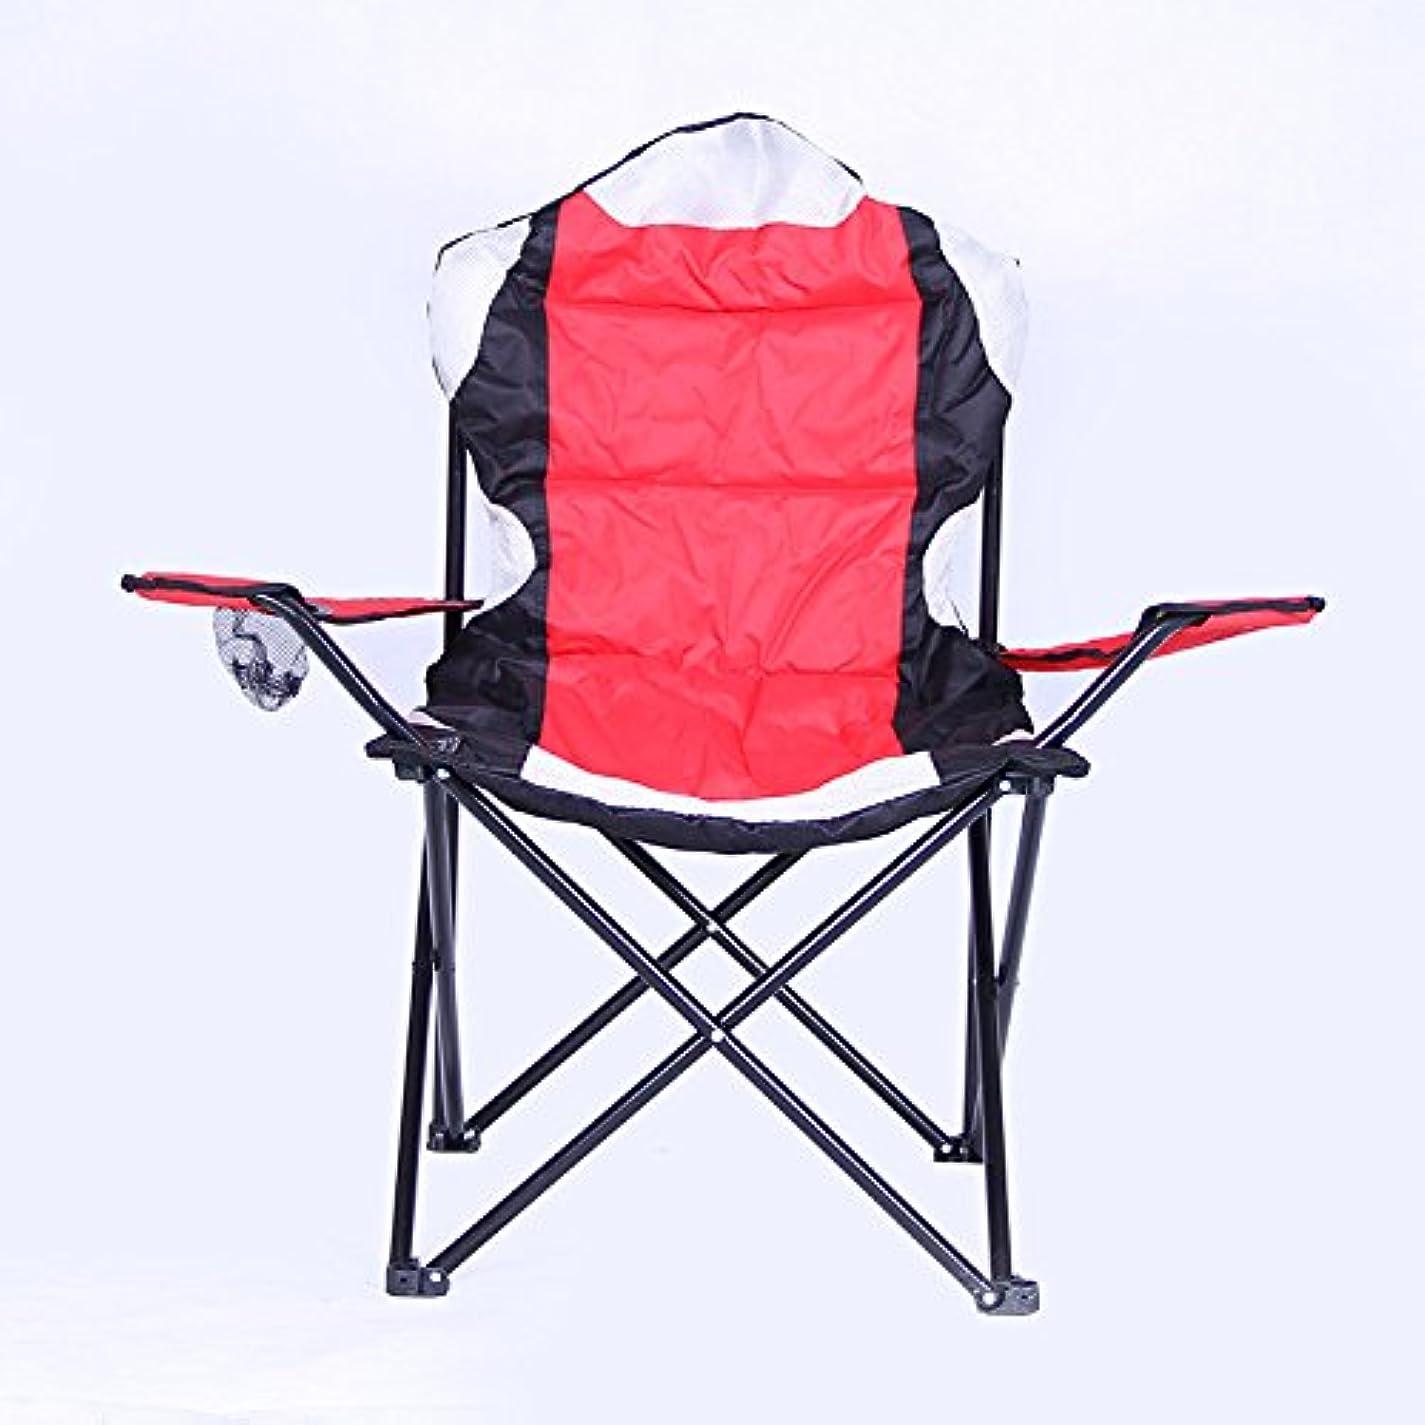 こどもの日ソーダ水入手しますOpliy ミニ超軽量折りたたみキャンプスツール屋外キャンプ折りたたみ椅子ポータブル折りたたみスツールバーベキューキャンプ釣り旅行、ハイキングガーデンビーチ600 Dオックスフォード布トートバッグバーベキュー/釣り/キャンプ/バーベキューグリル/ピクニック簡単に超軽量収納バッグ 品質保証 (Color : Red)